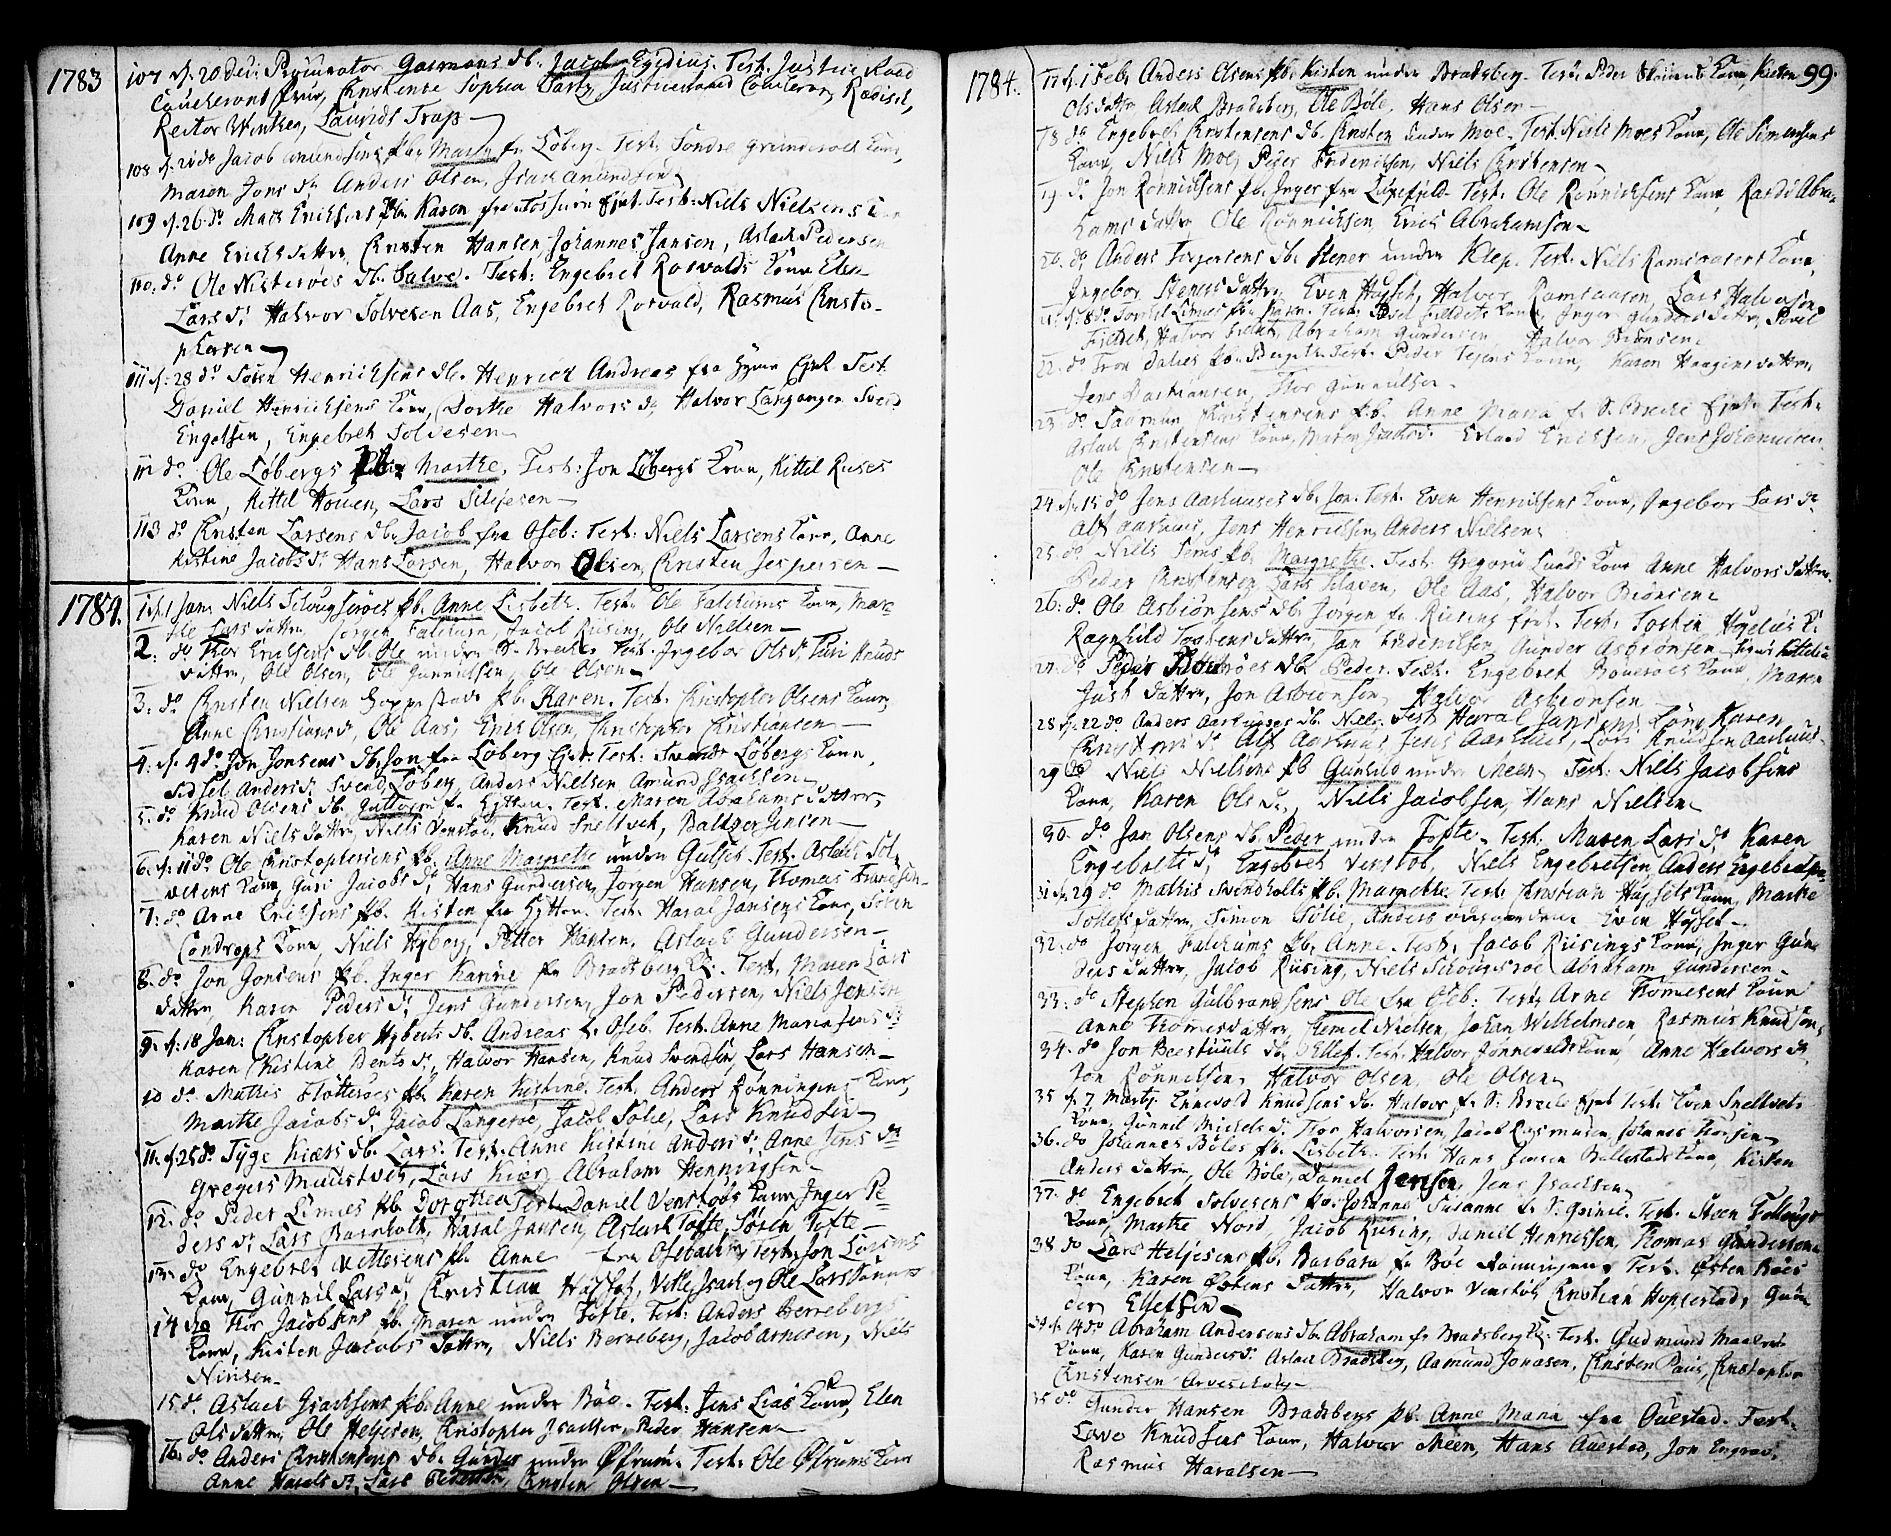 SAKO, Gjerpen kirkebøker, F/Fa/L0002: Ministerialbok nr. 2, 1747-1795, s. 99